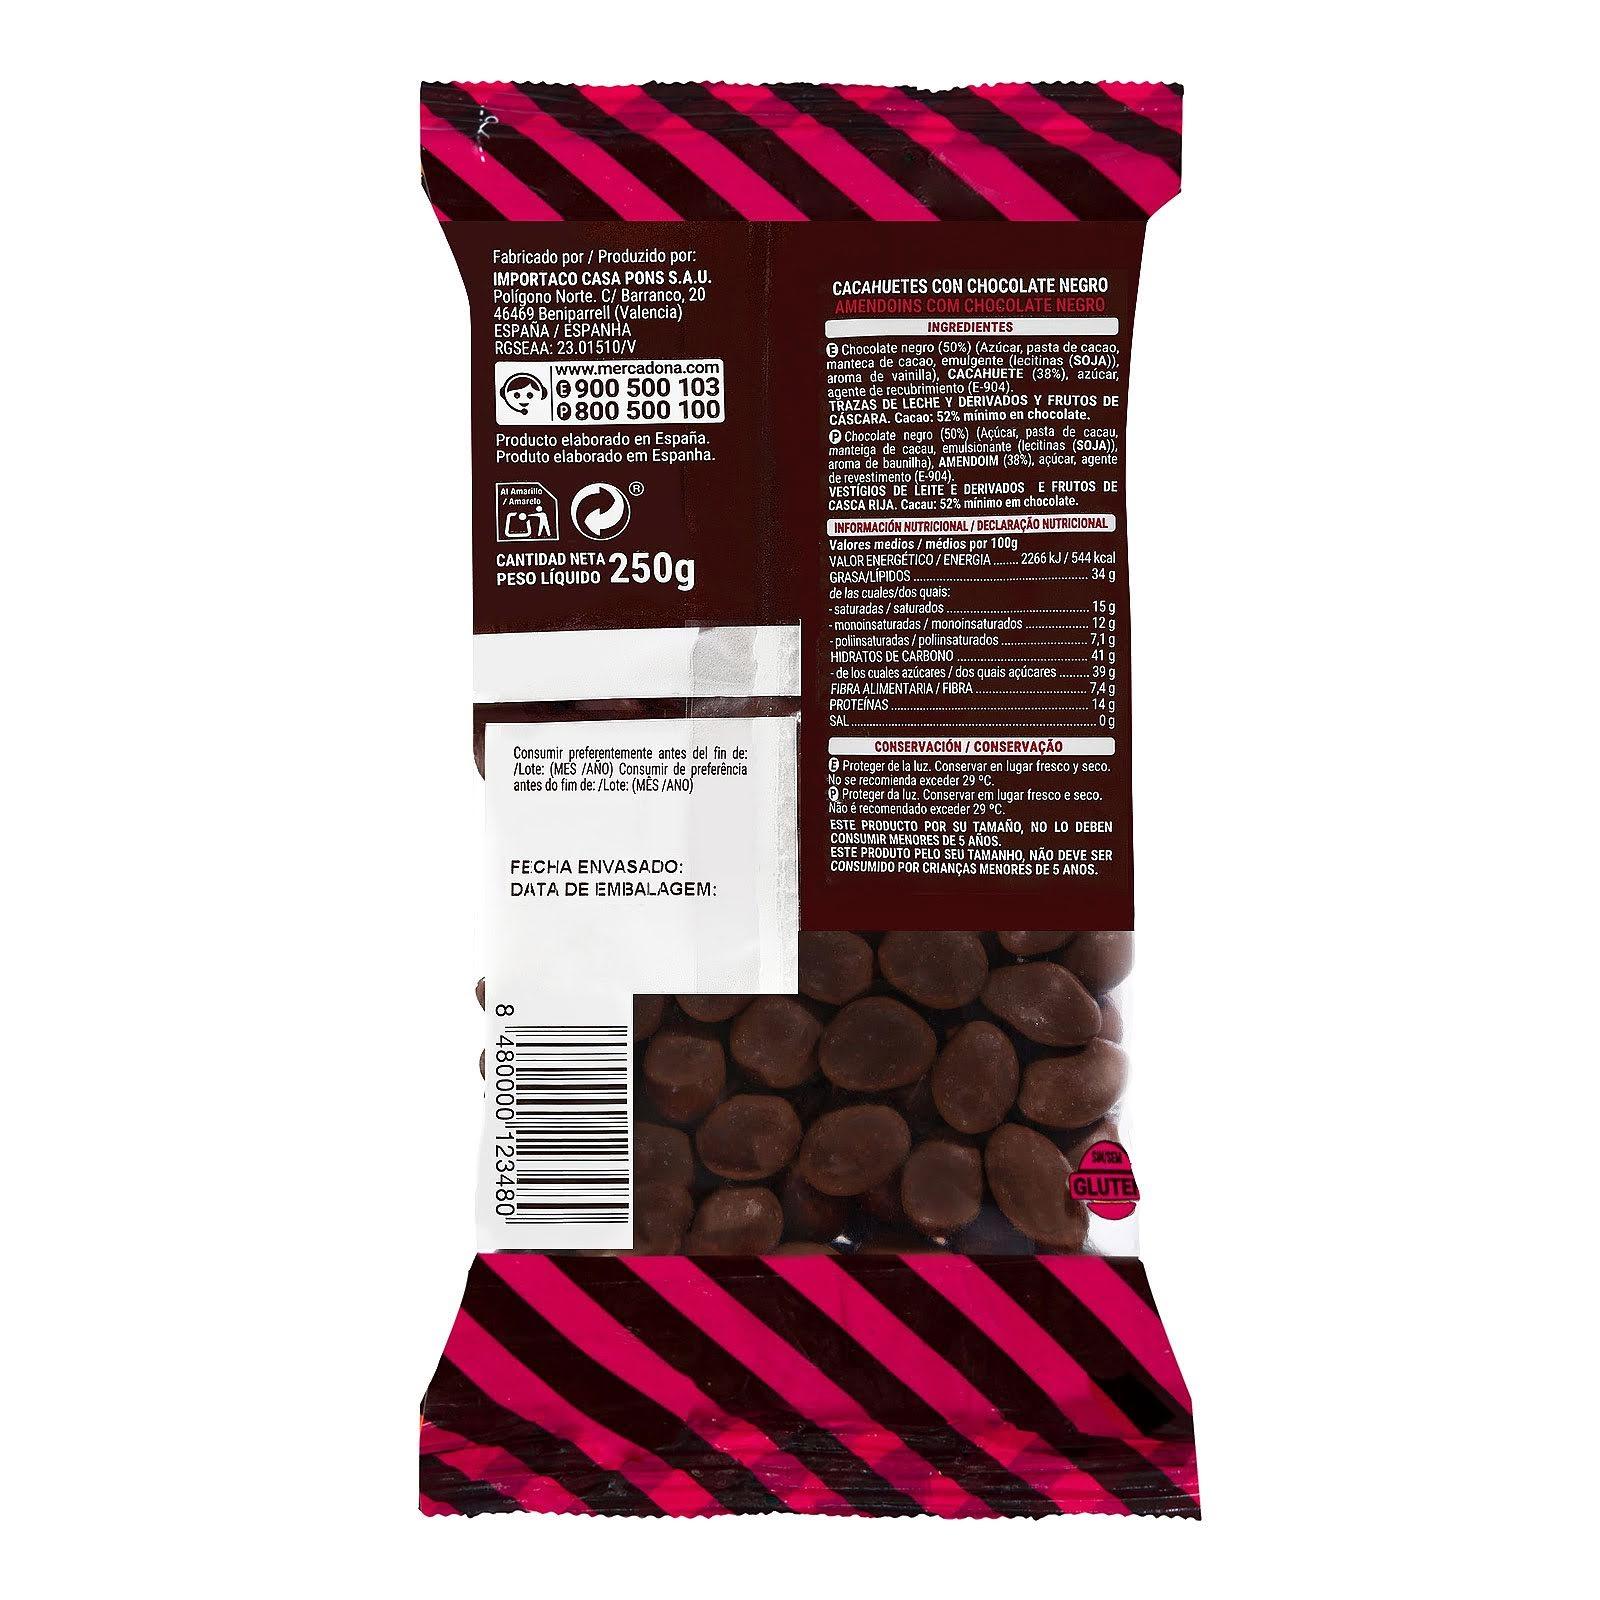 Cacahuetes recubiertos de chocolate negro Hacendado